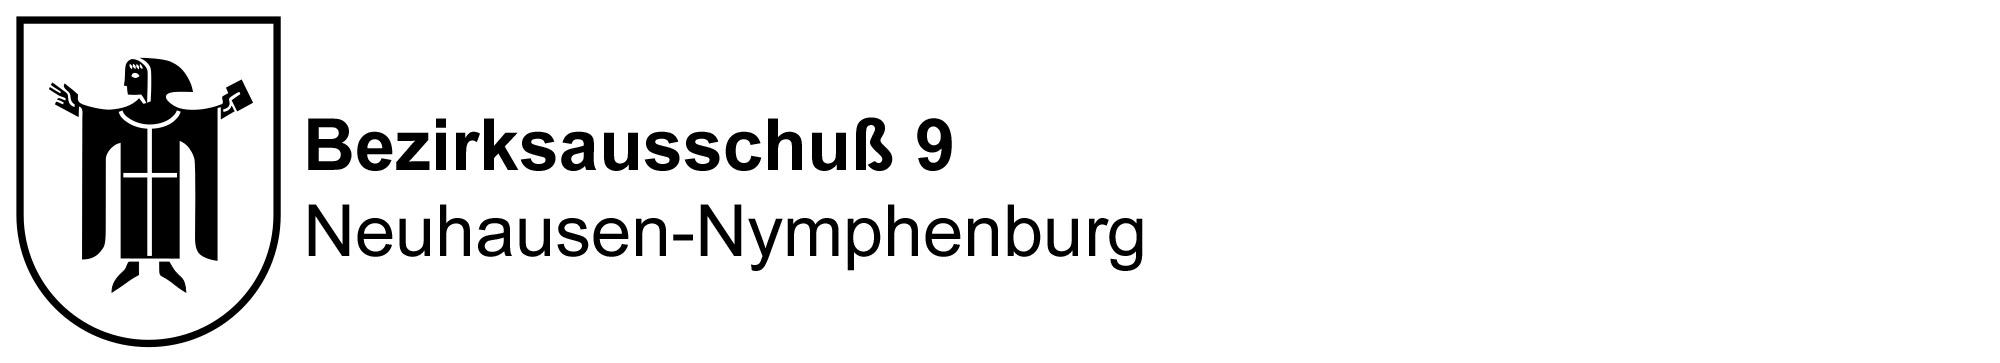 München Bezirksausschuss 9